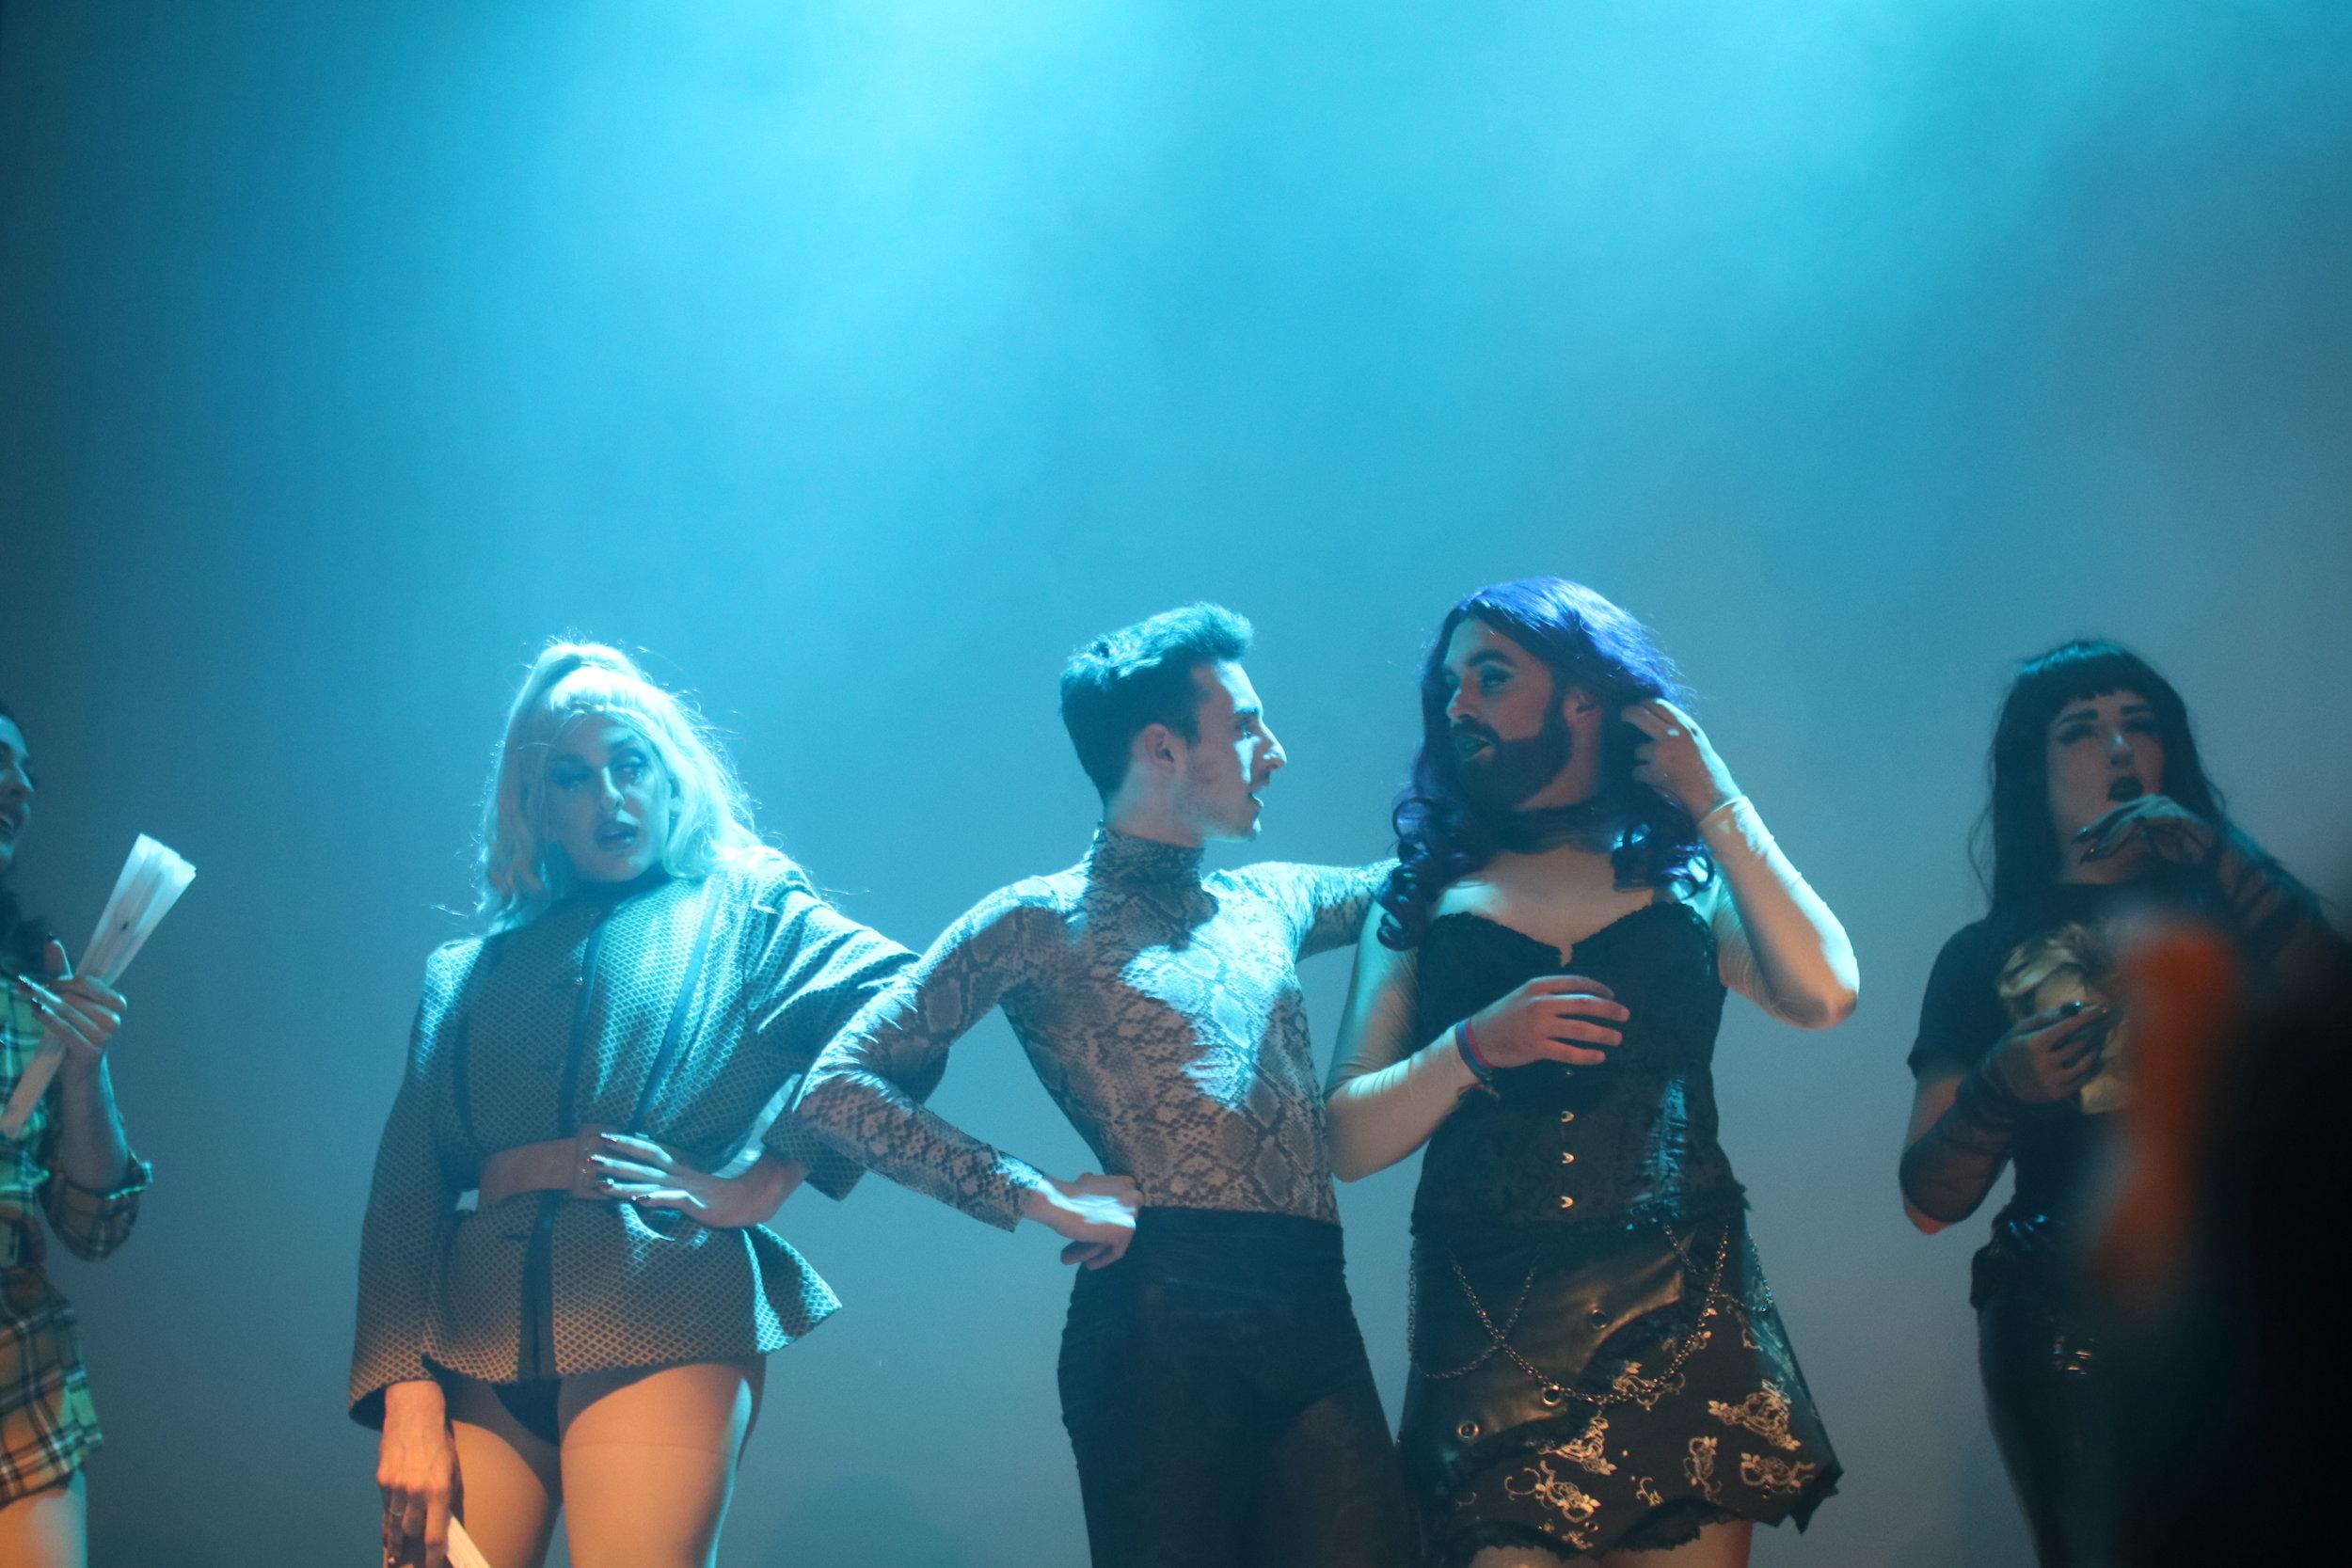 Drag Queens en el espectáculo DIVINES en las Armas (Zaragoza). Foto: Dune Solanot.